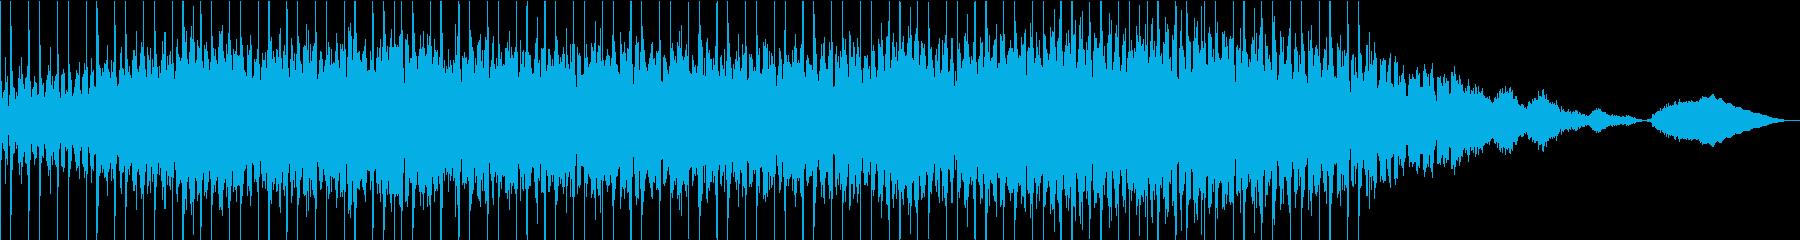 明るく未来的なシンセポップの再生済みの波形